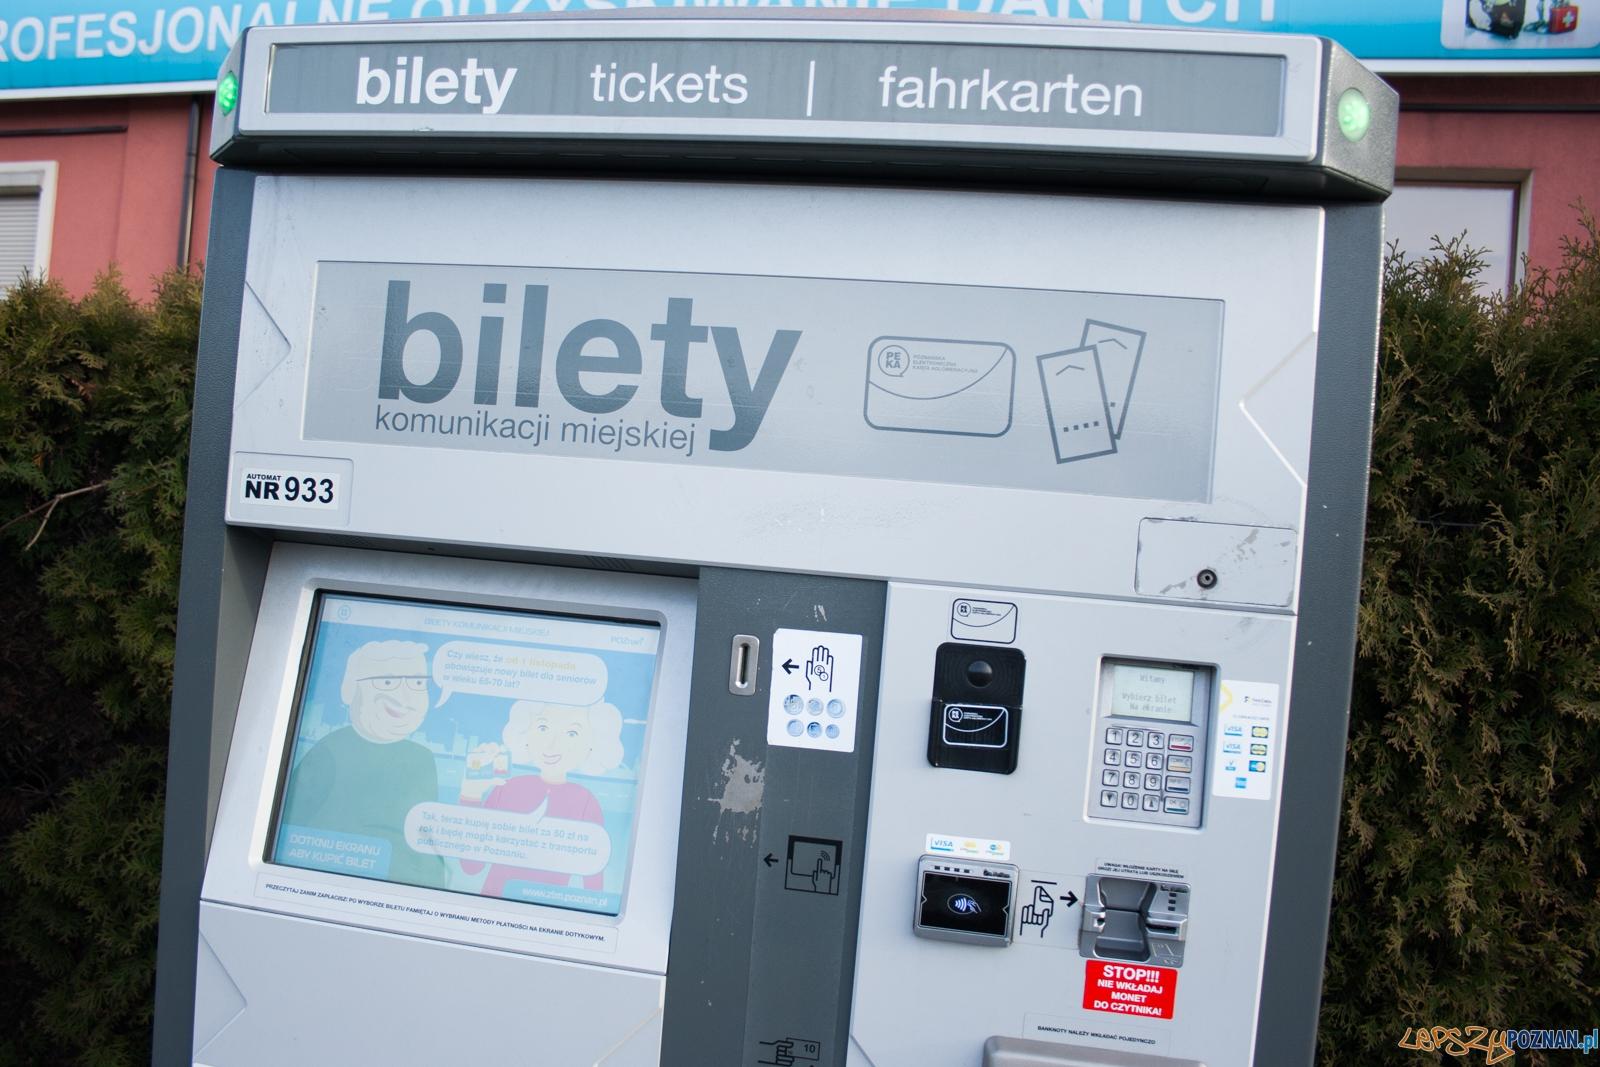 Biletomat / bilety  Foto: © lepszyPOZNAN.pl / Karolina Kiraga